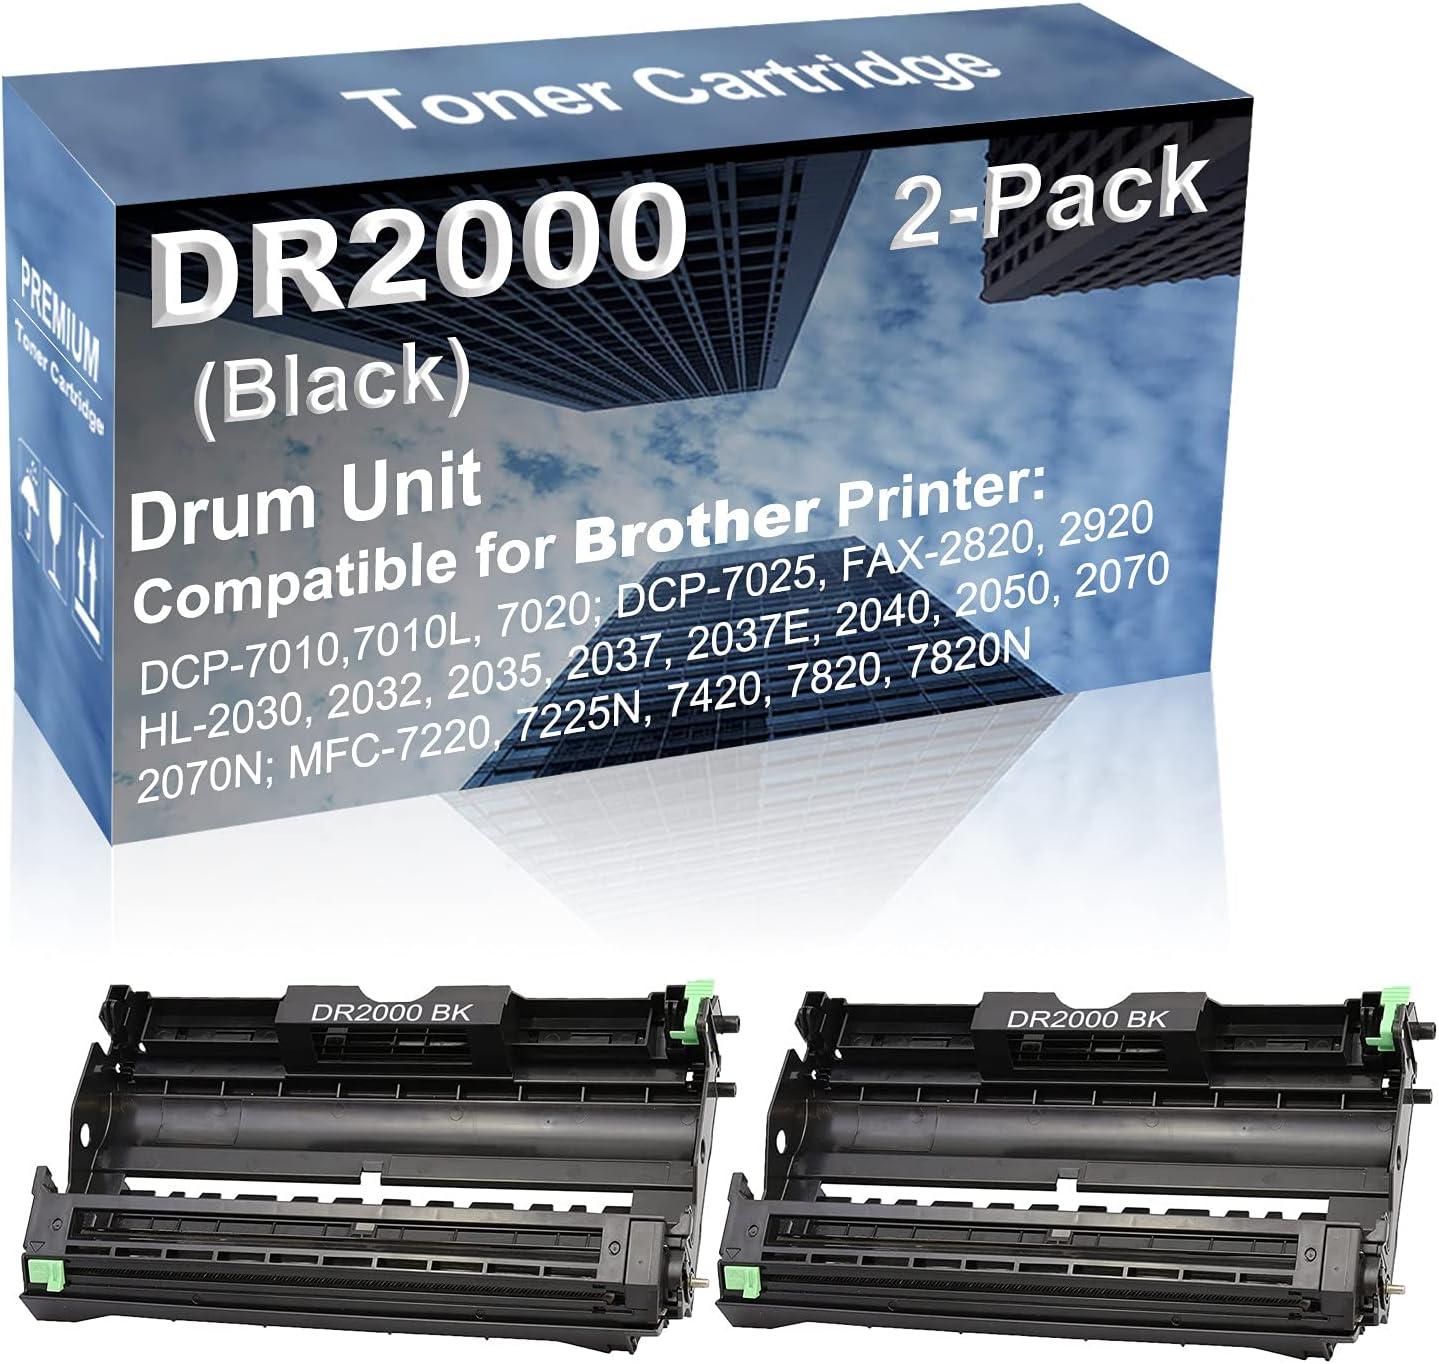 2-Pack (Black) Compatible HL-2032, HL-2035, HL-2037, HL-2037E, HL-2040, HL-2050, HL-2070 Printer Drum Unit Replacement for Brother DR2000 Drum Kit